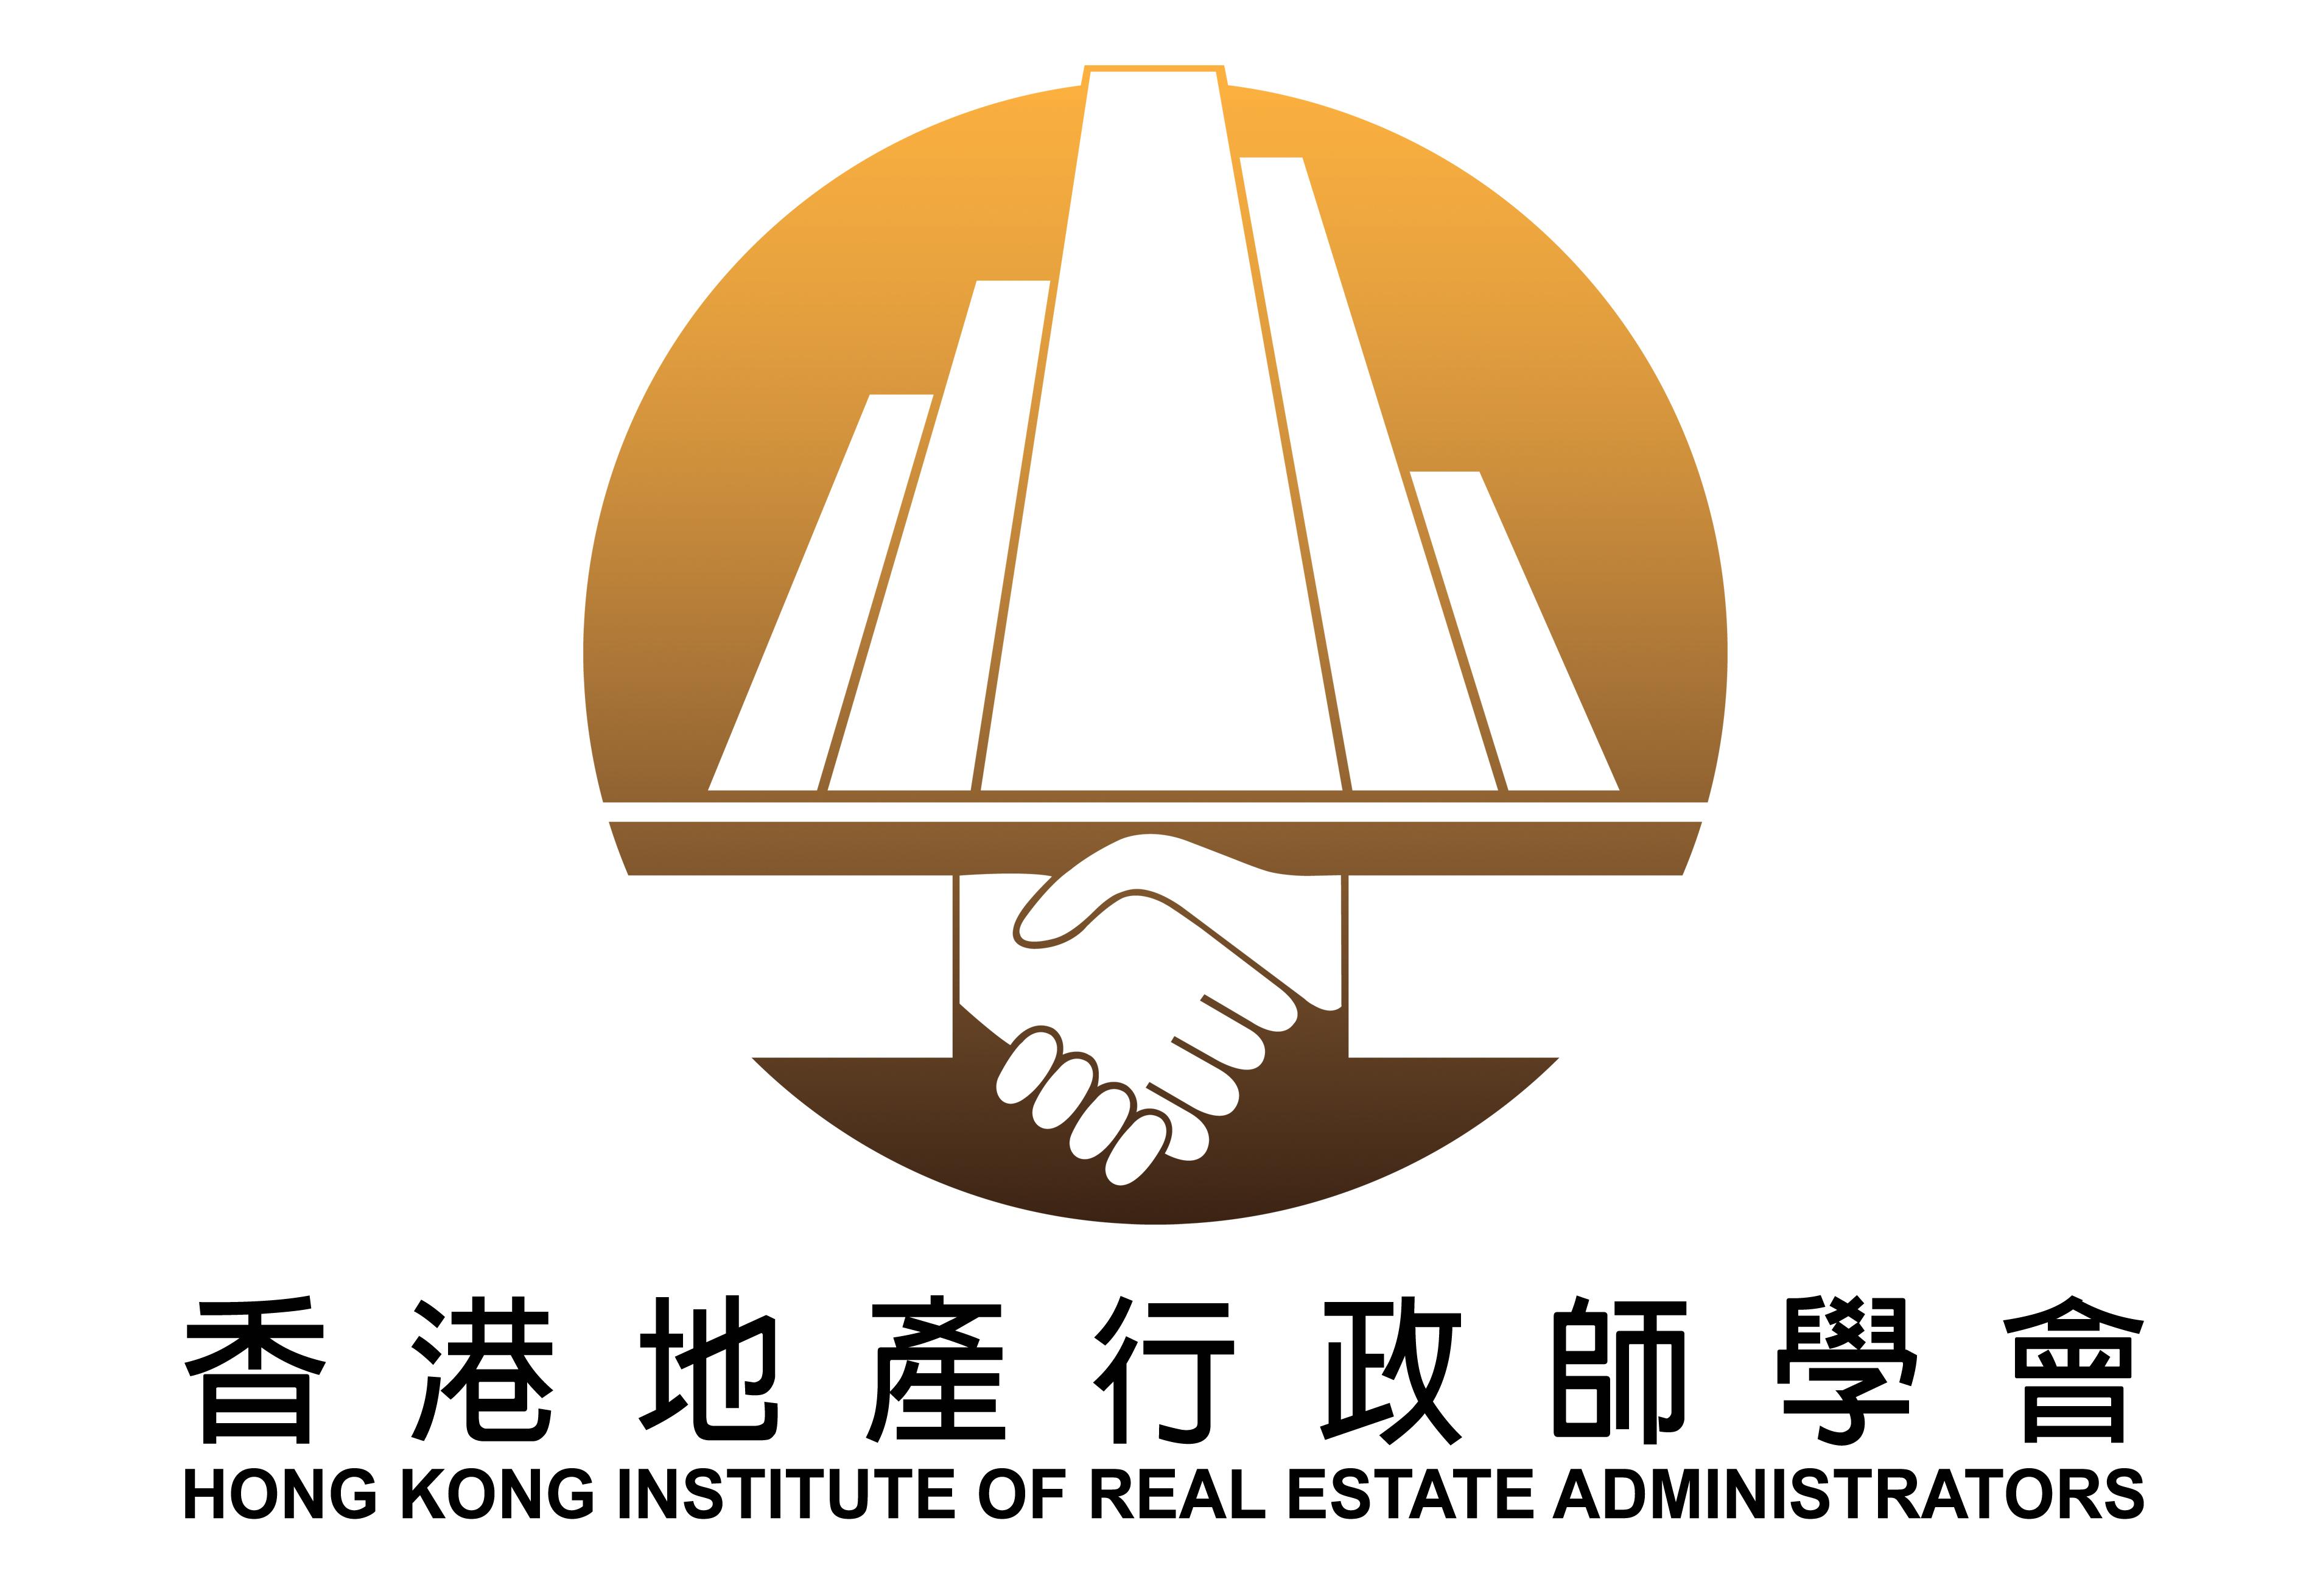 香港地產行政師學會_2012LOGO(漸進金)